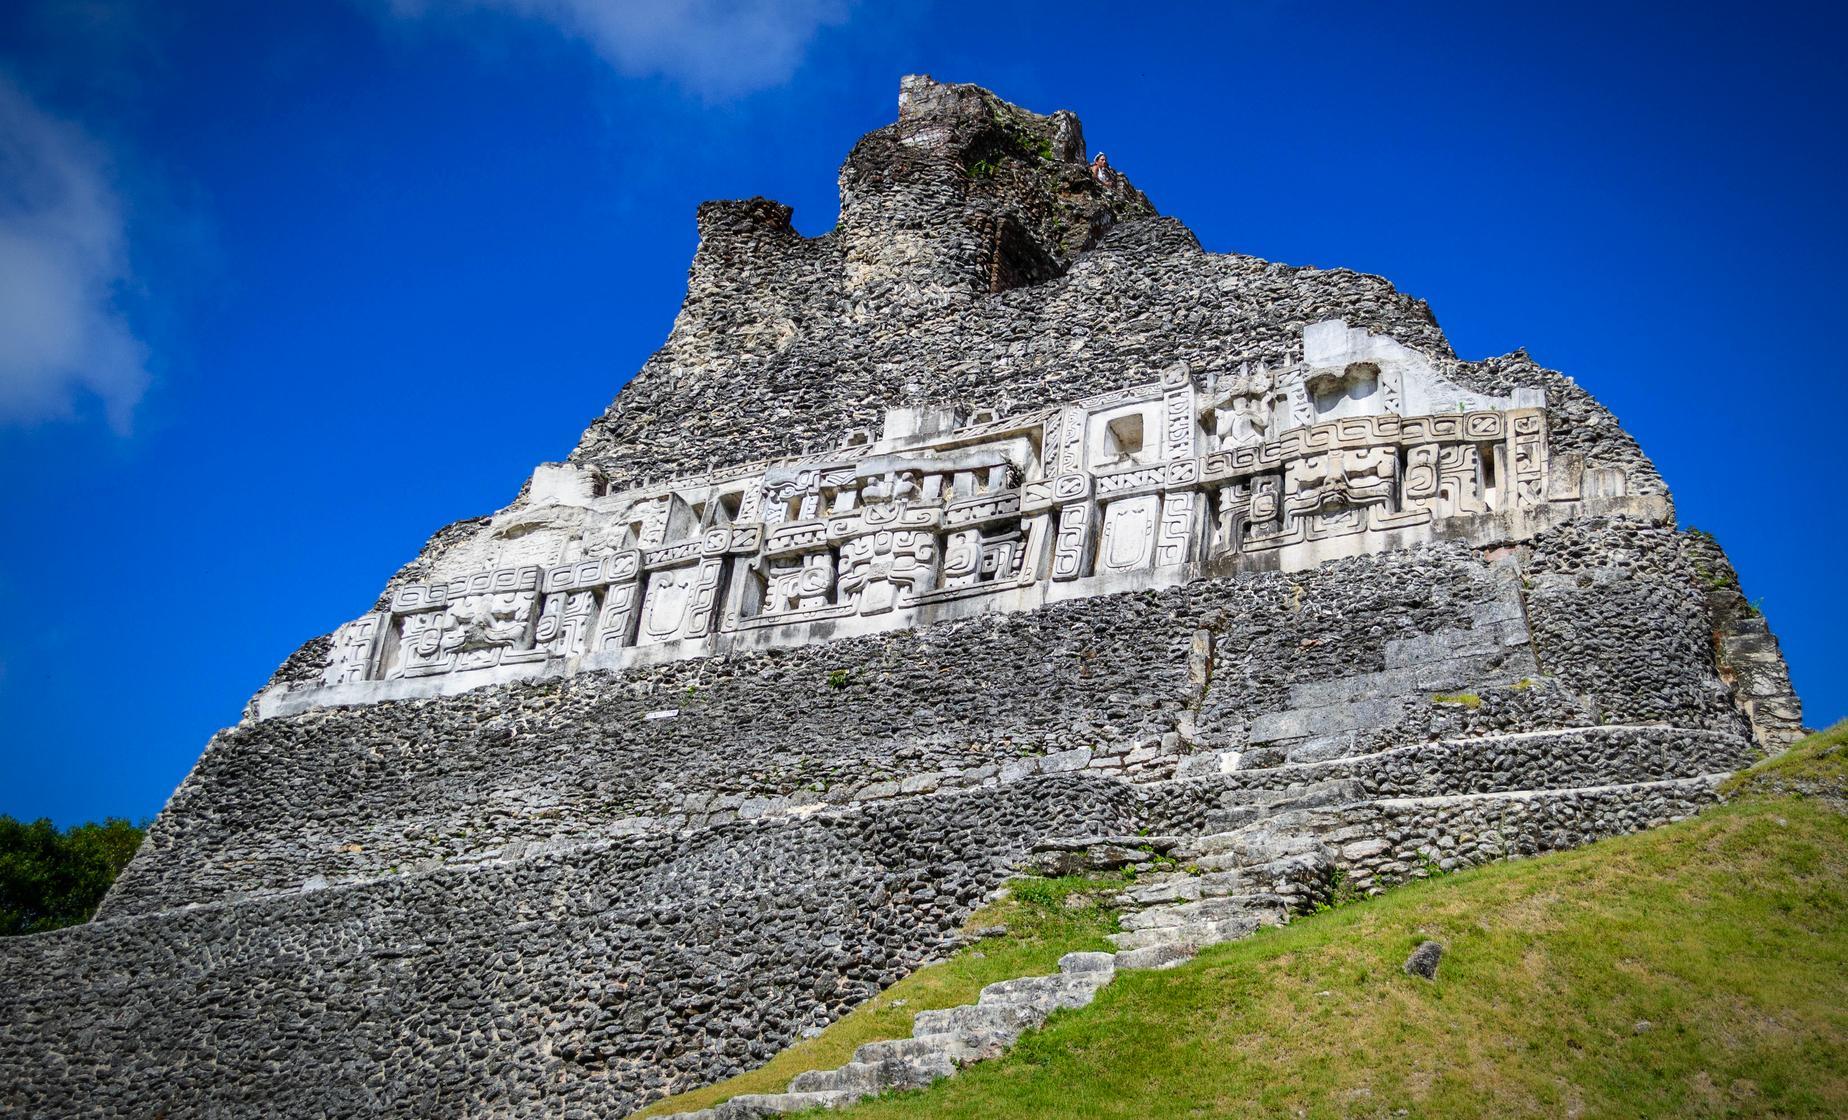 The Ruins of Xunantunich